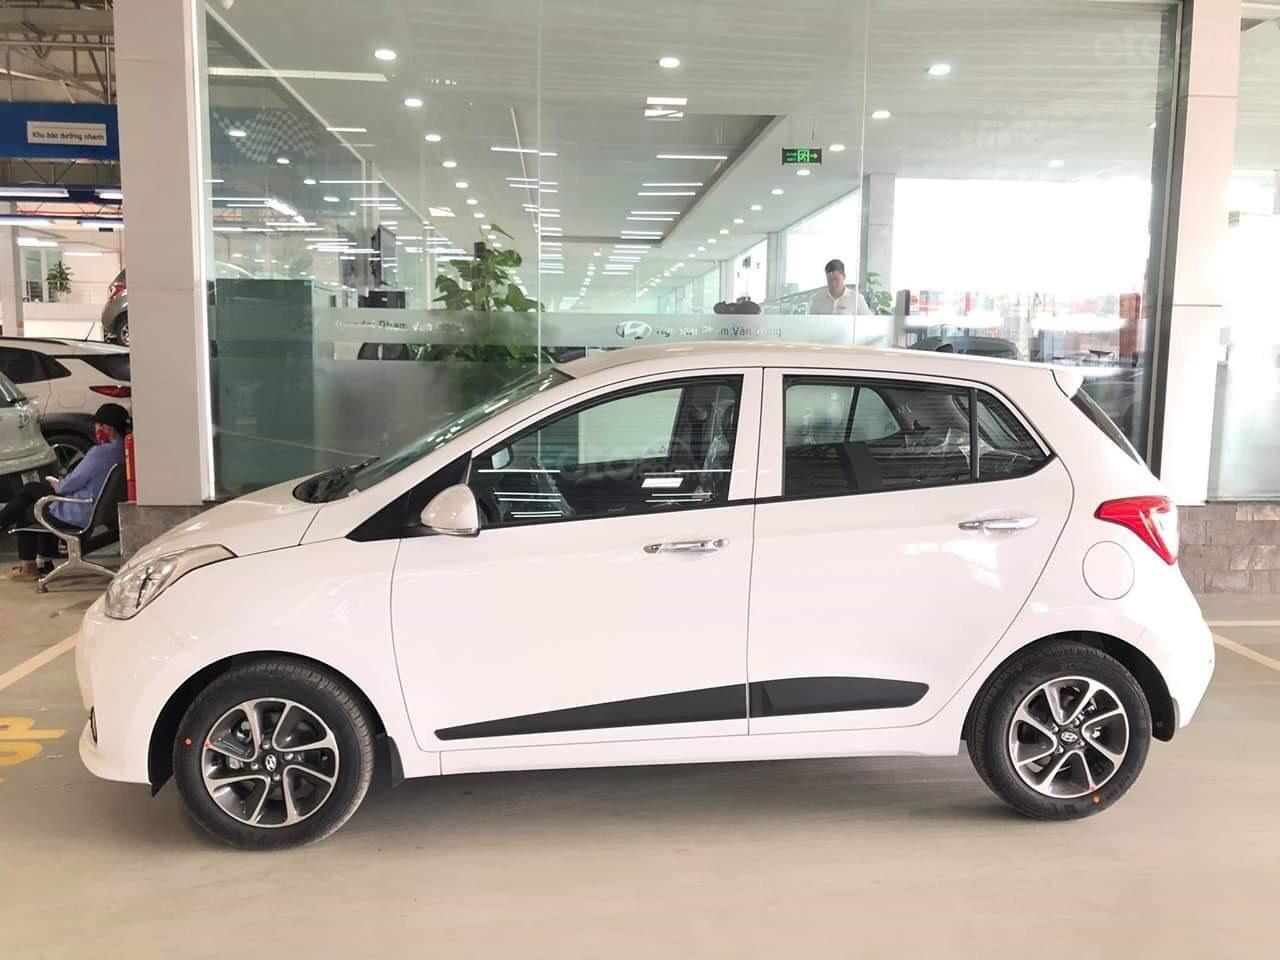 [Giảm 50% thuế trước bạ] Hyundai Grand i10 2020 siêu khuyến mãi, hỗ trợ trả góp 85%, trả trước 80 triệu nhận ngay xe (3)